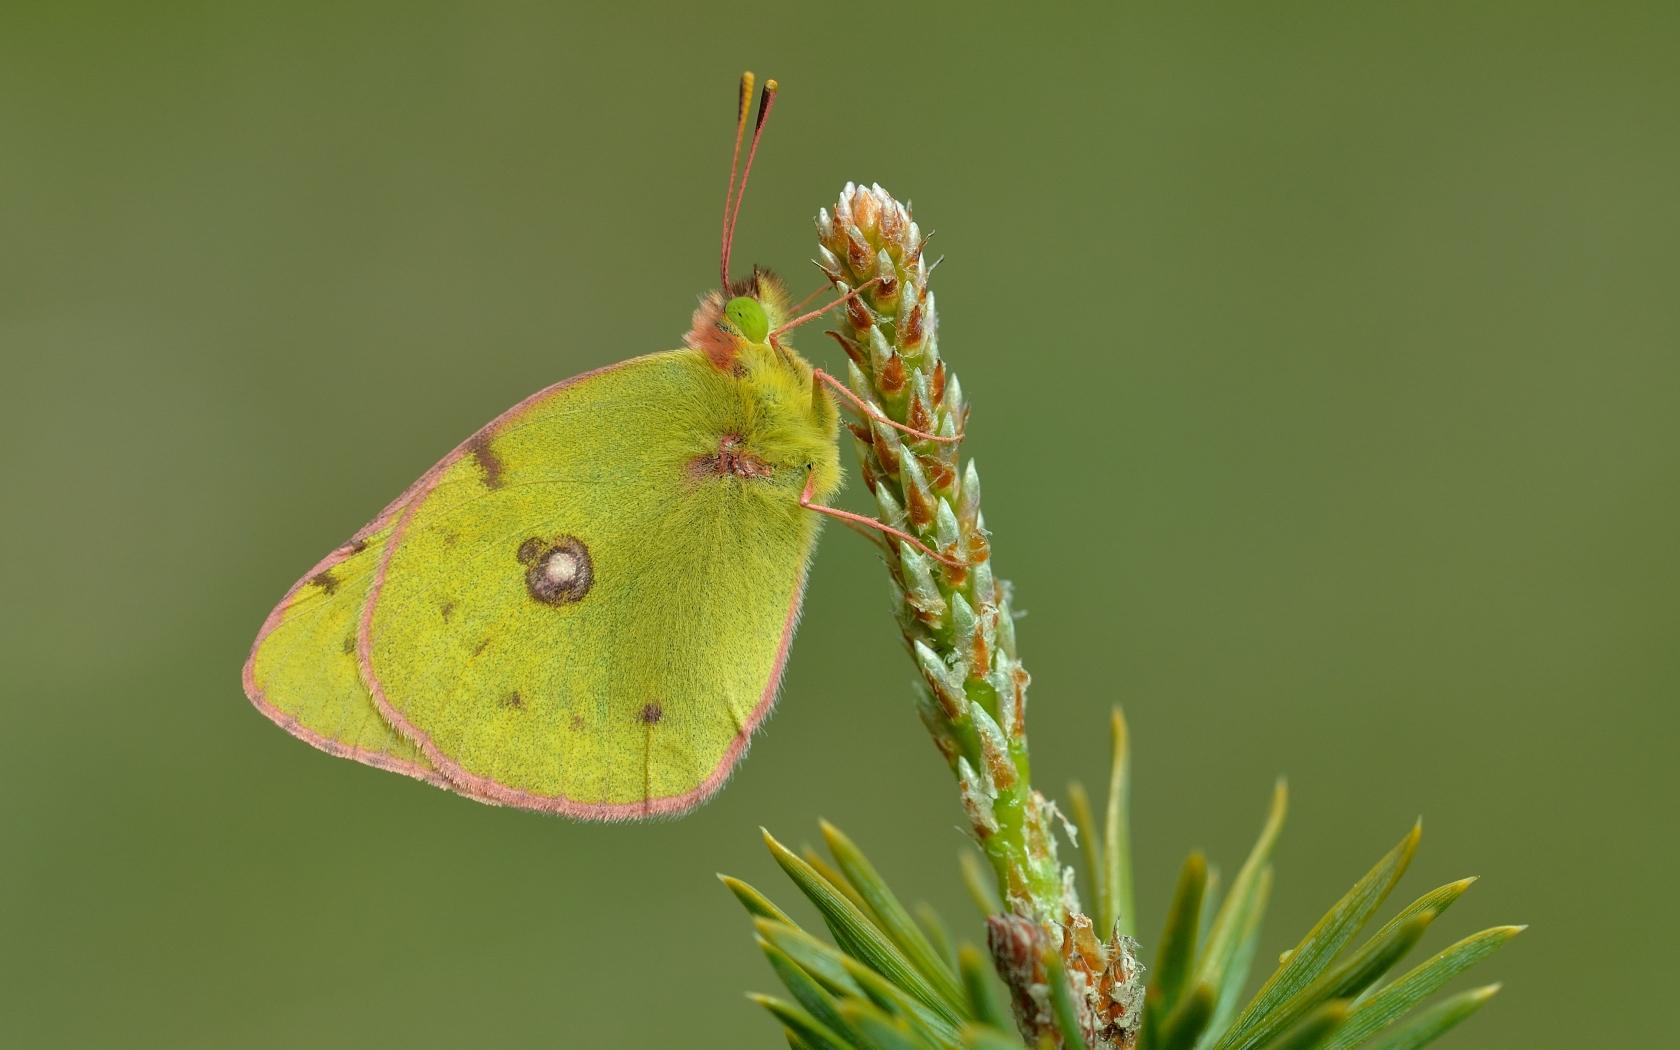 Fotografías macro de mariposas - 1680x1050